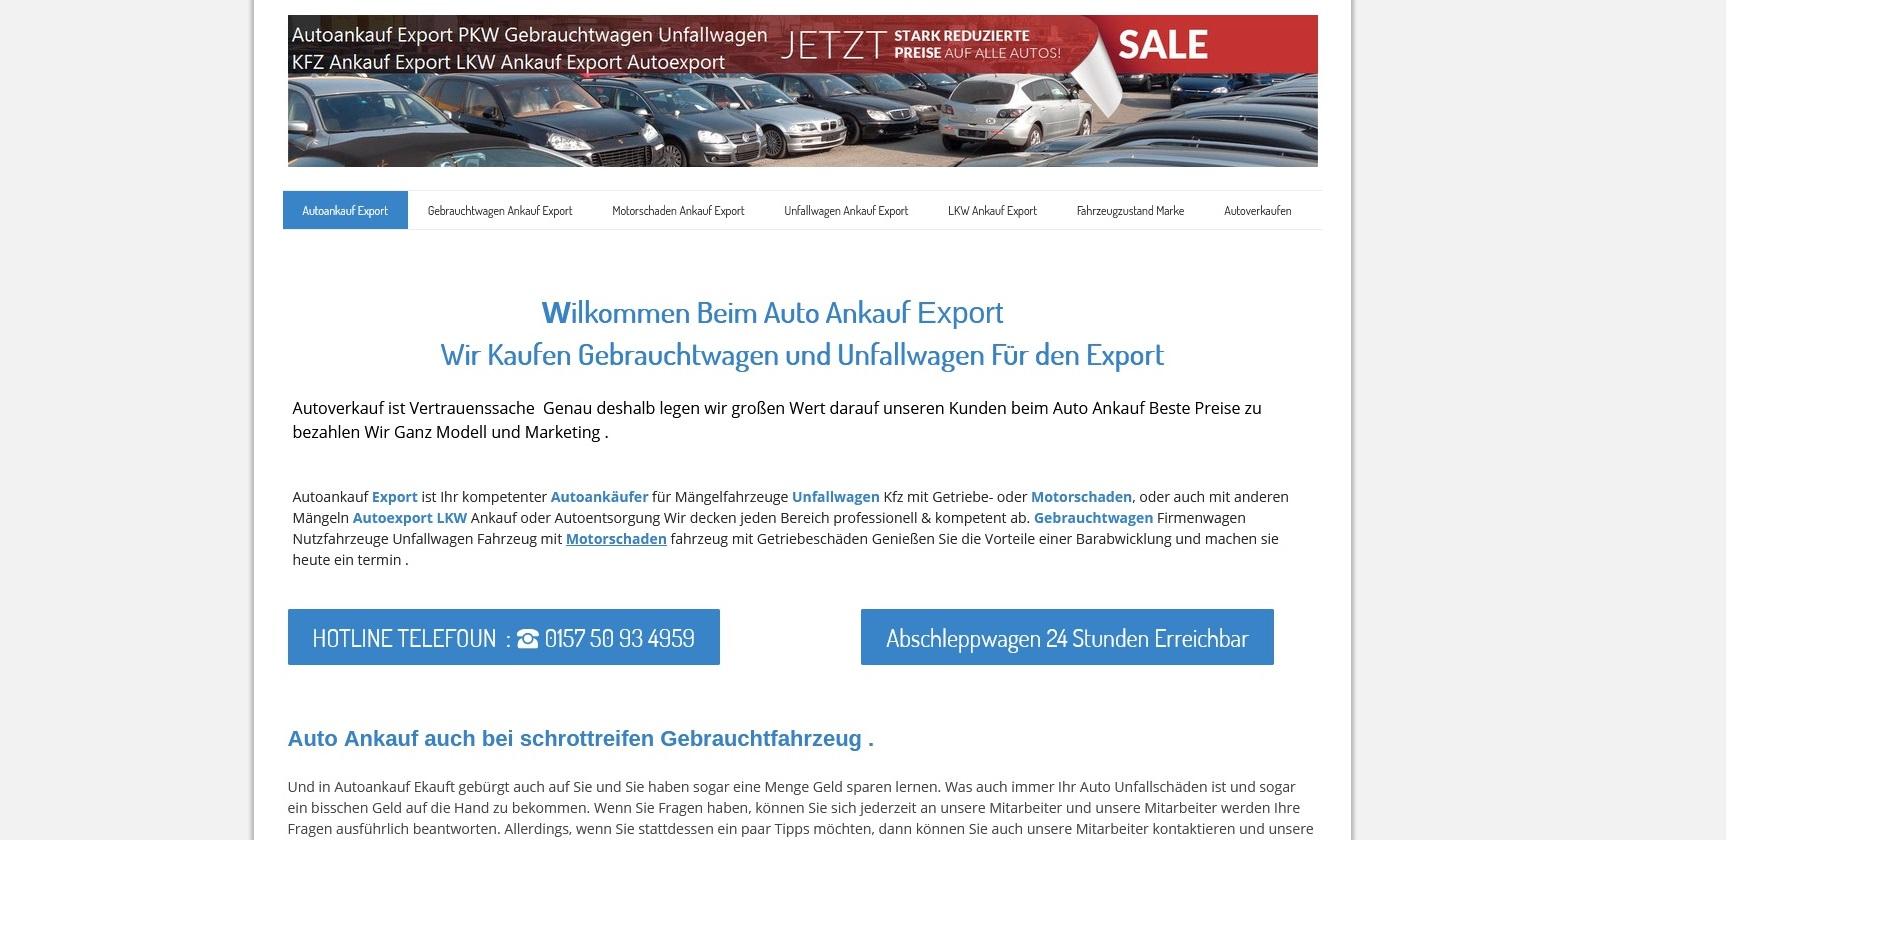 https://www.kfz-ankauf-export.de - Autoankauf Fürstenfeldbruck